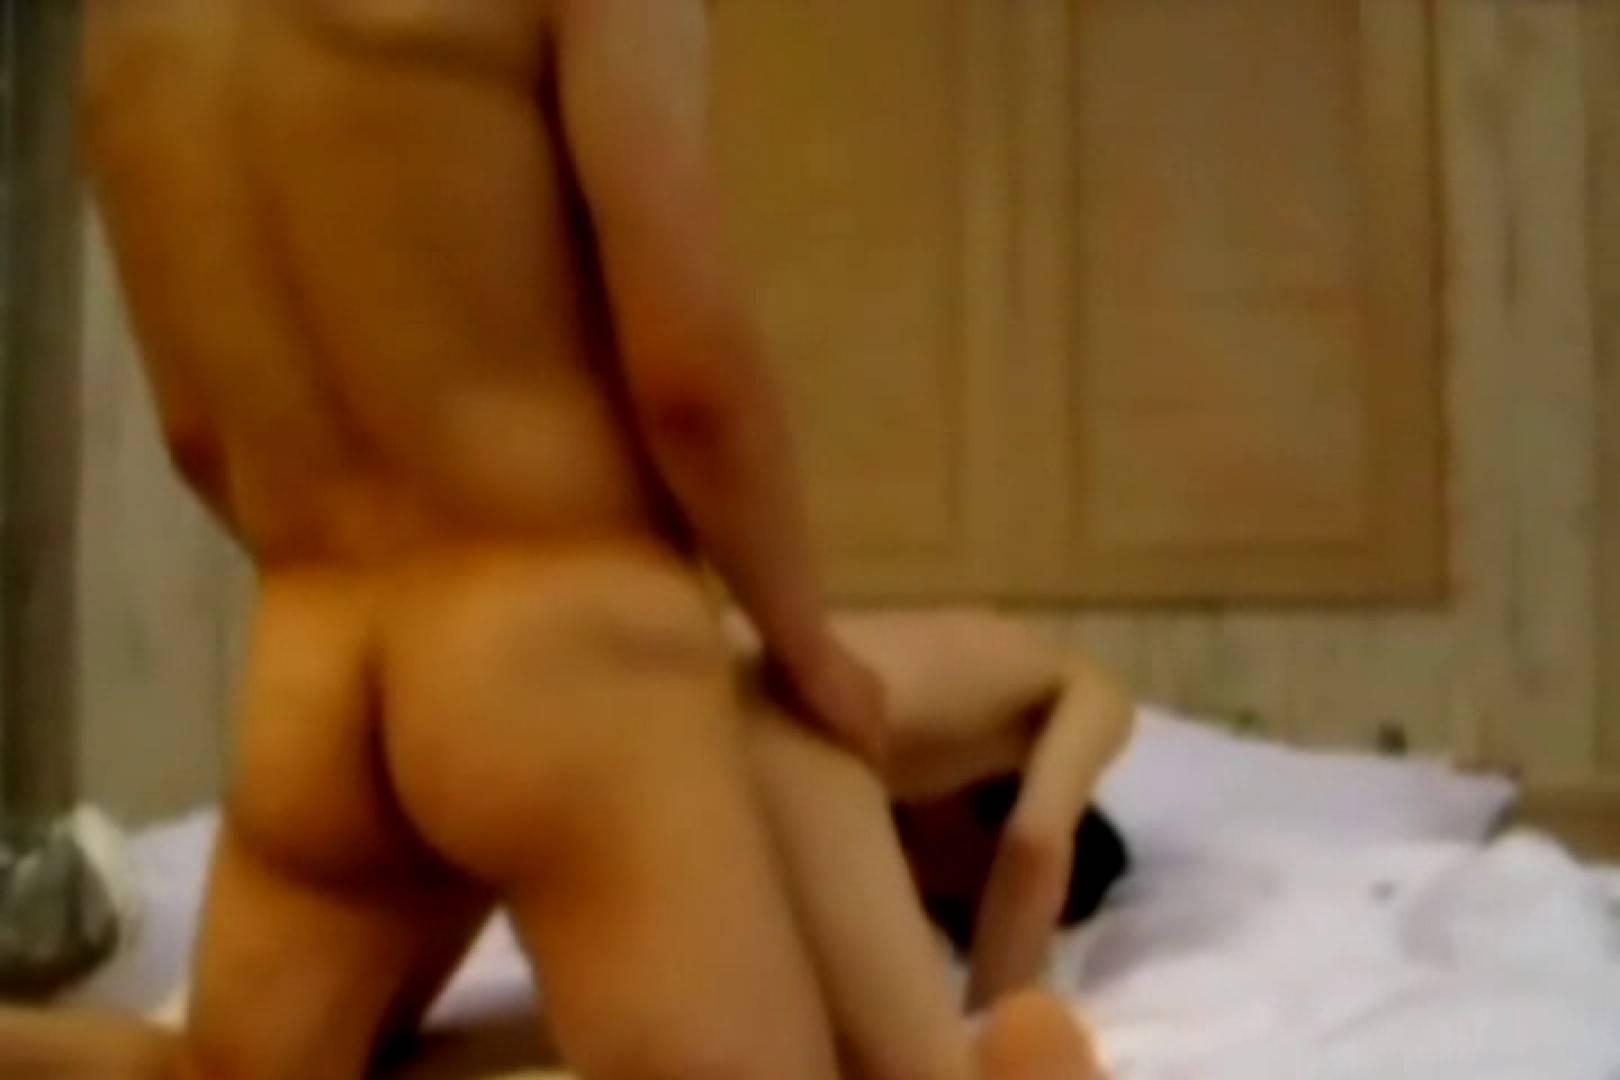 仁義なきキンタマ ymatのアルバム ビッチなギャル   盗撮  93pic 30